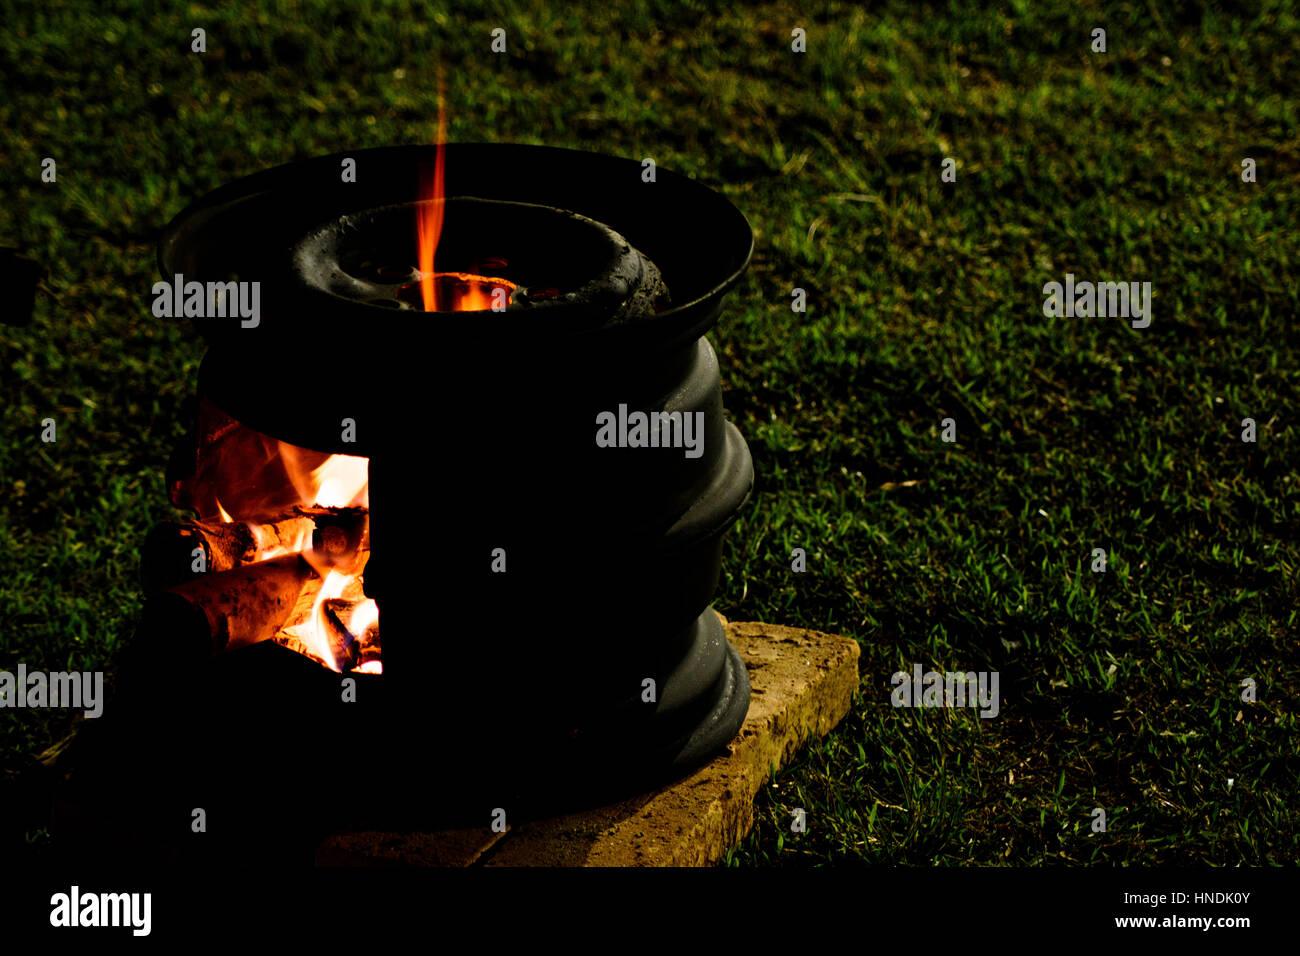 Plateau à feu - Flammes sur cuisinière gypsy Photo Stock